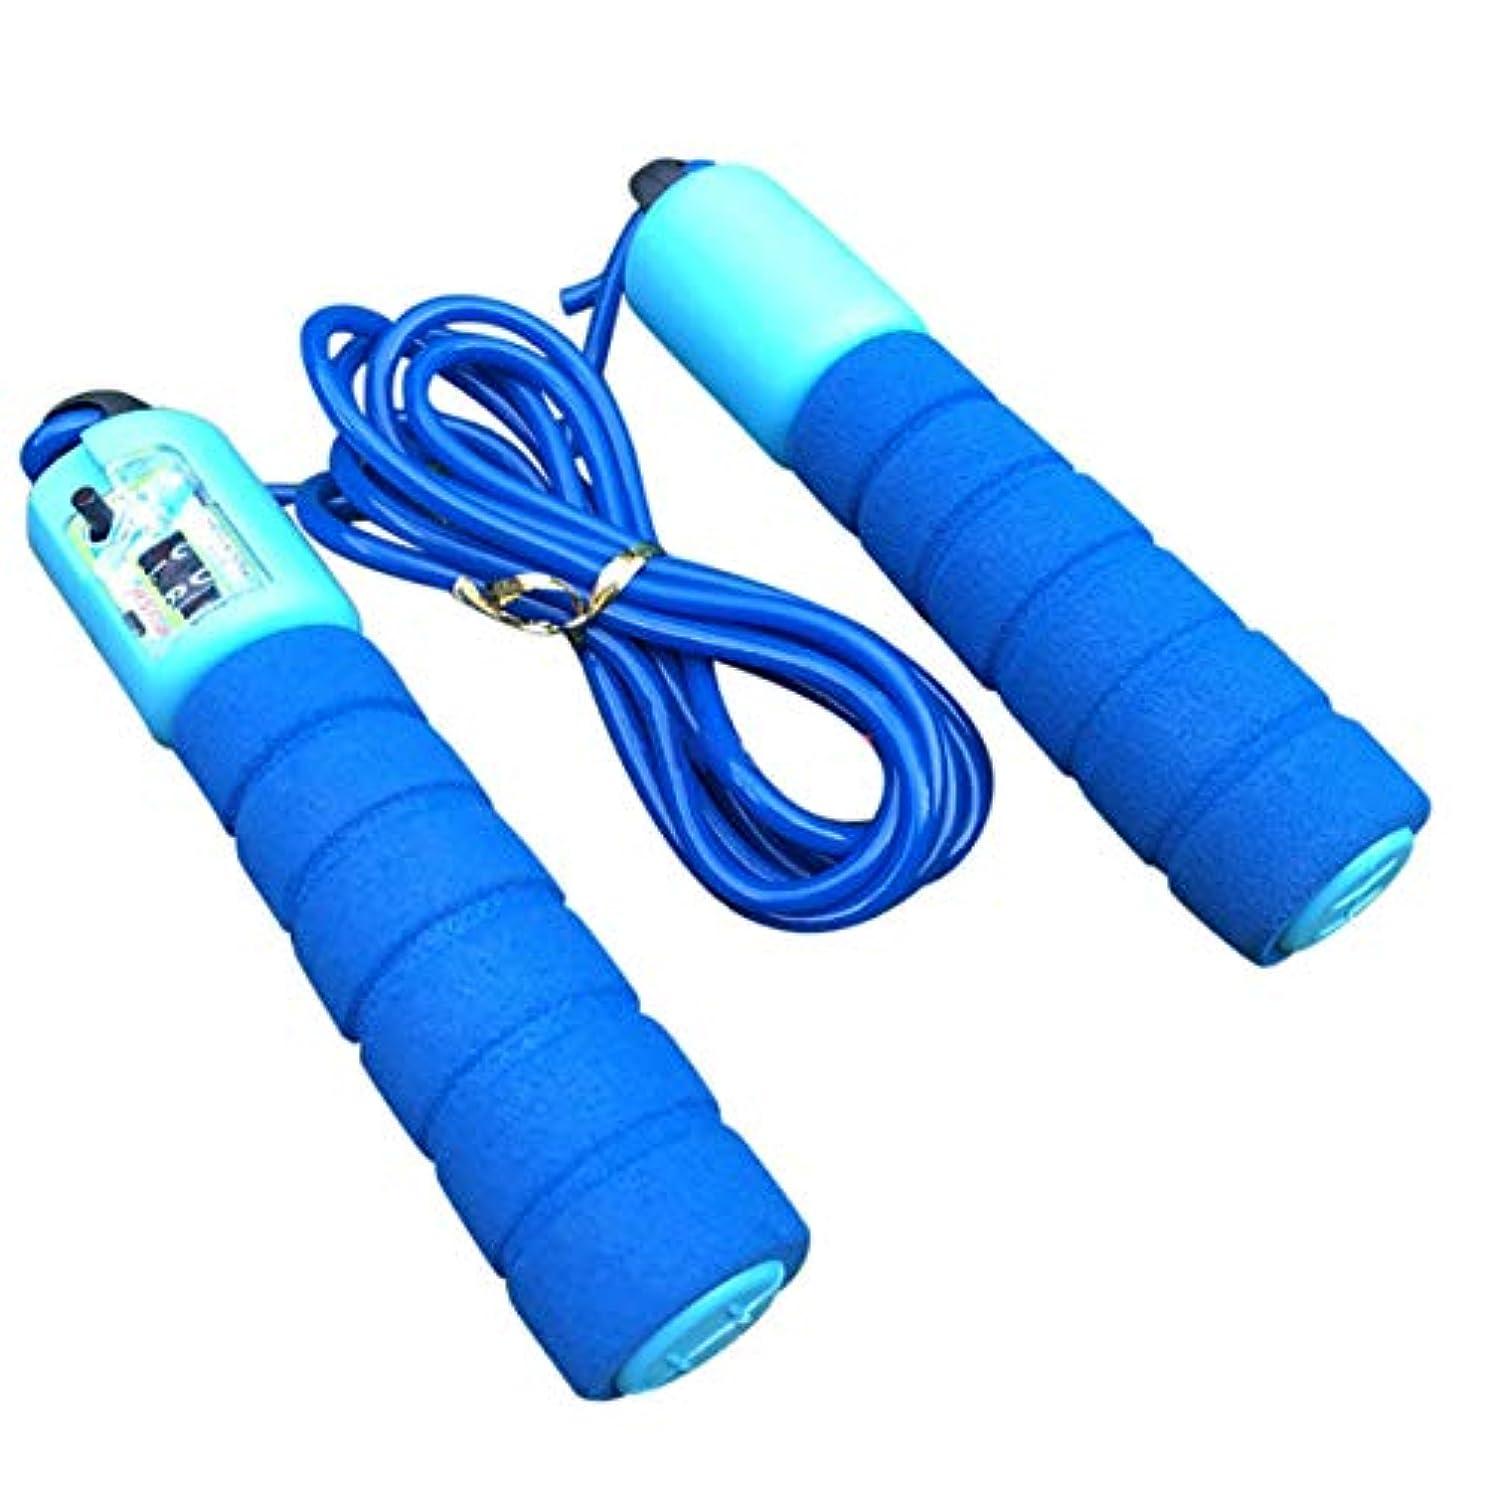 性別アルバニー告発者調整可能なプロフェッショナルカウント縄跳び自動カウントジャンプロープフィットネス運動高速カウントジャンプロープ - 青